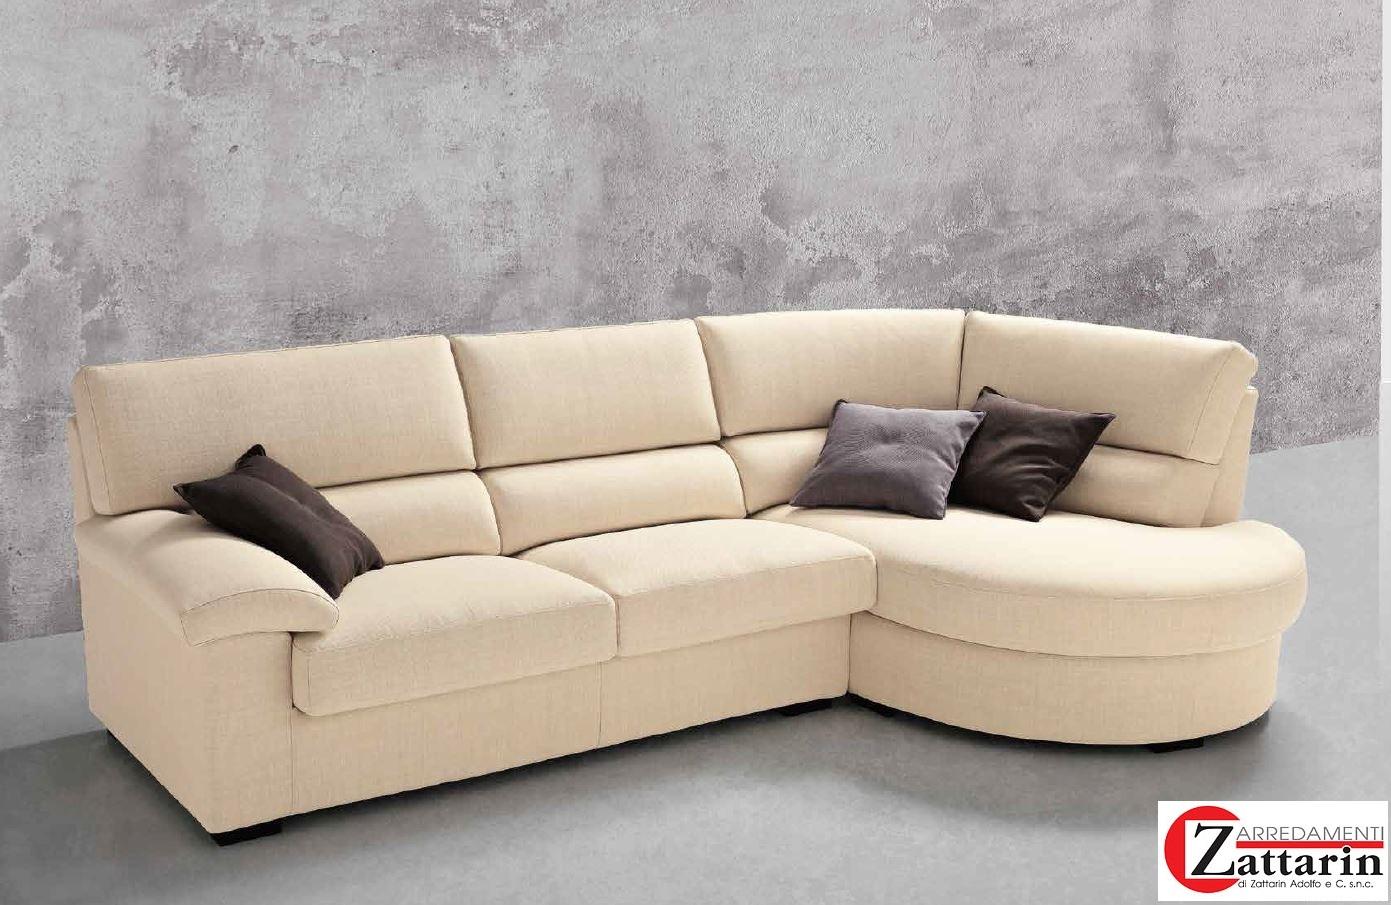 Divano bi el salotti bolero divani con chaise longue tessuto divani a prezzi scontati - Divano 4 posti con chaise longue ...